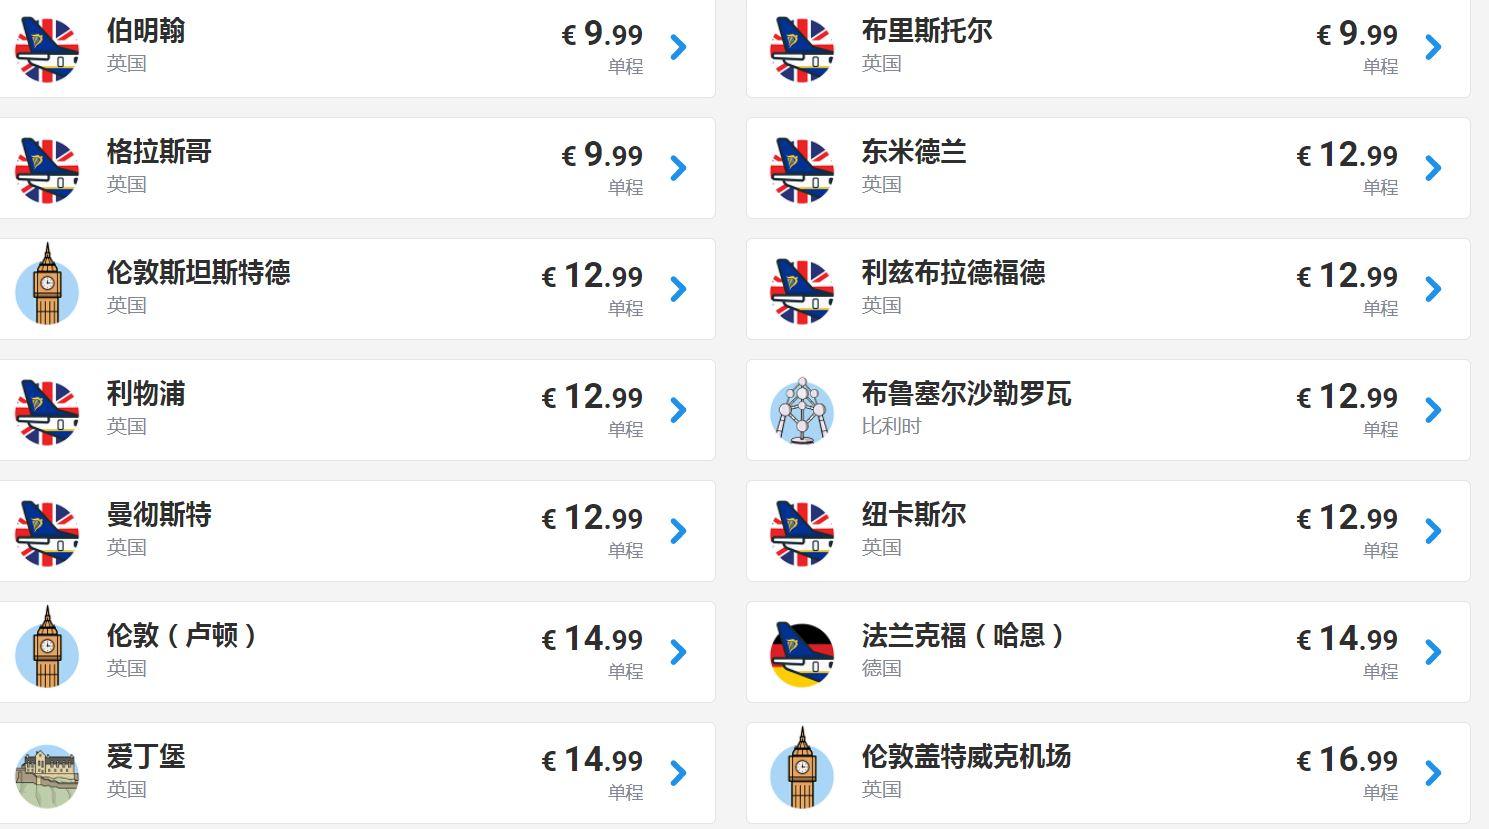 歐洲內陸廉航大促銷,單程最便宜9.99歐元!不同國家城市來回,居然不到一千元!是來回啊!